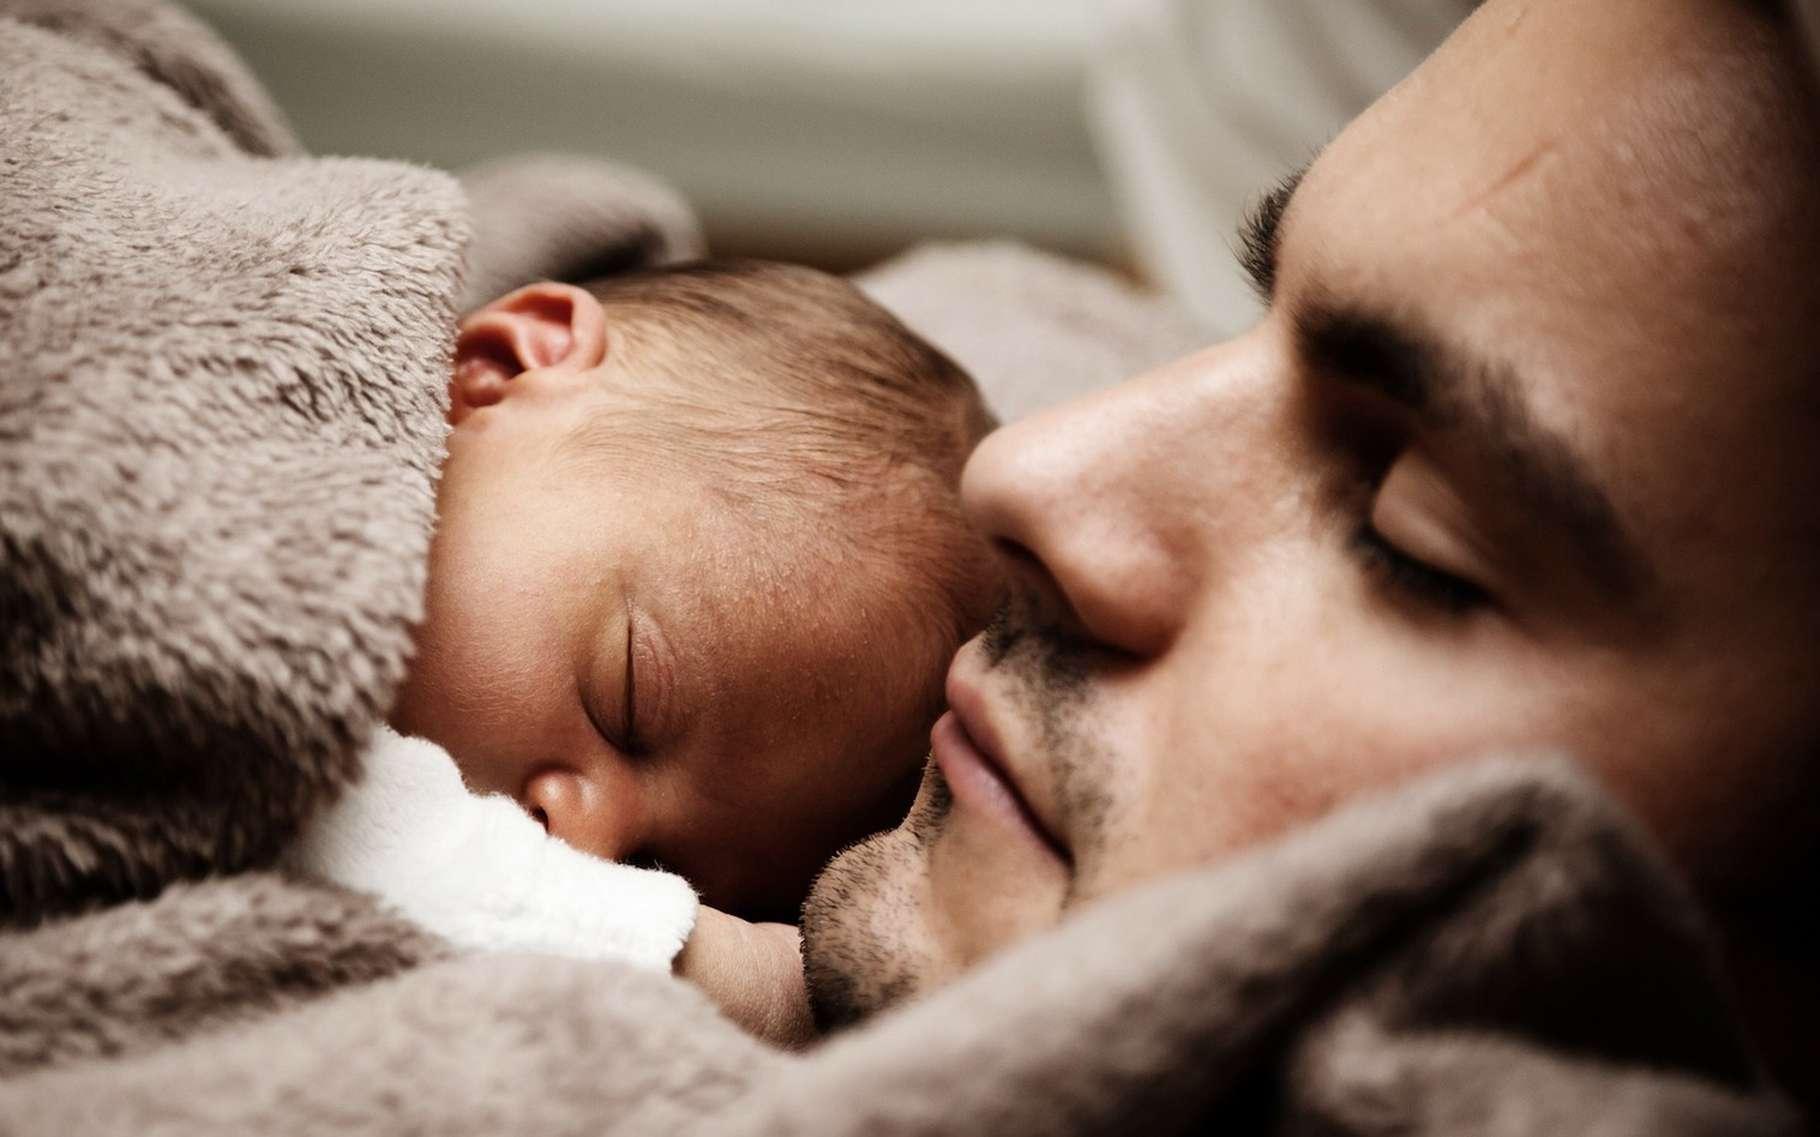 Pour la première fois, une étude s'intéresse sur le long terme à l'association entre les nourrissons qui partagent la chambre parentale et trois parties du comportement de l'enfant : le sommeil, les troubles du comportement et le comportement prosocial. © PublicDomainPictures, Pixabay, CC0 Creative Commons